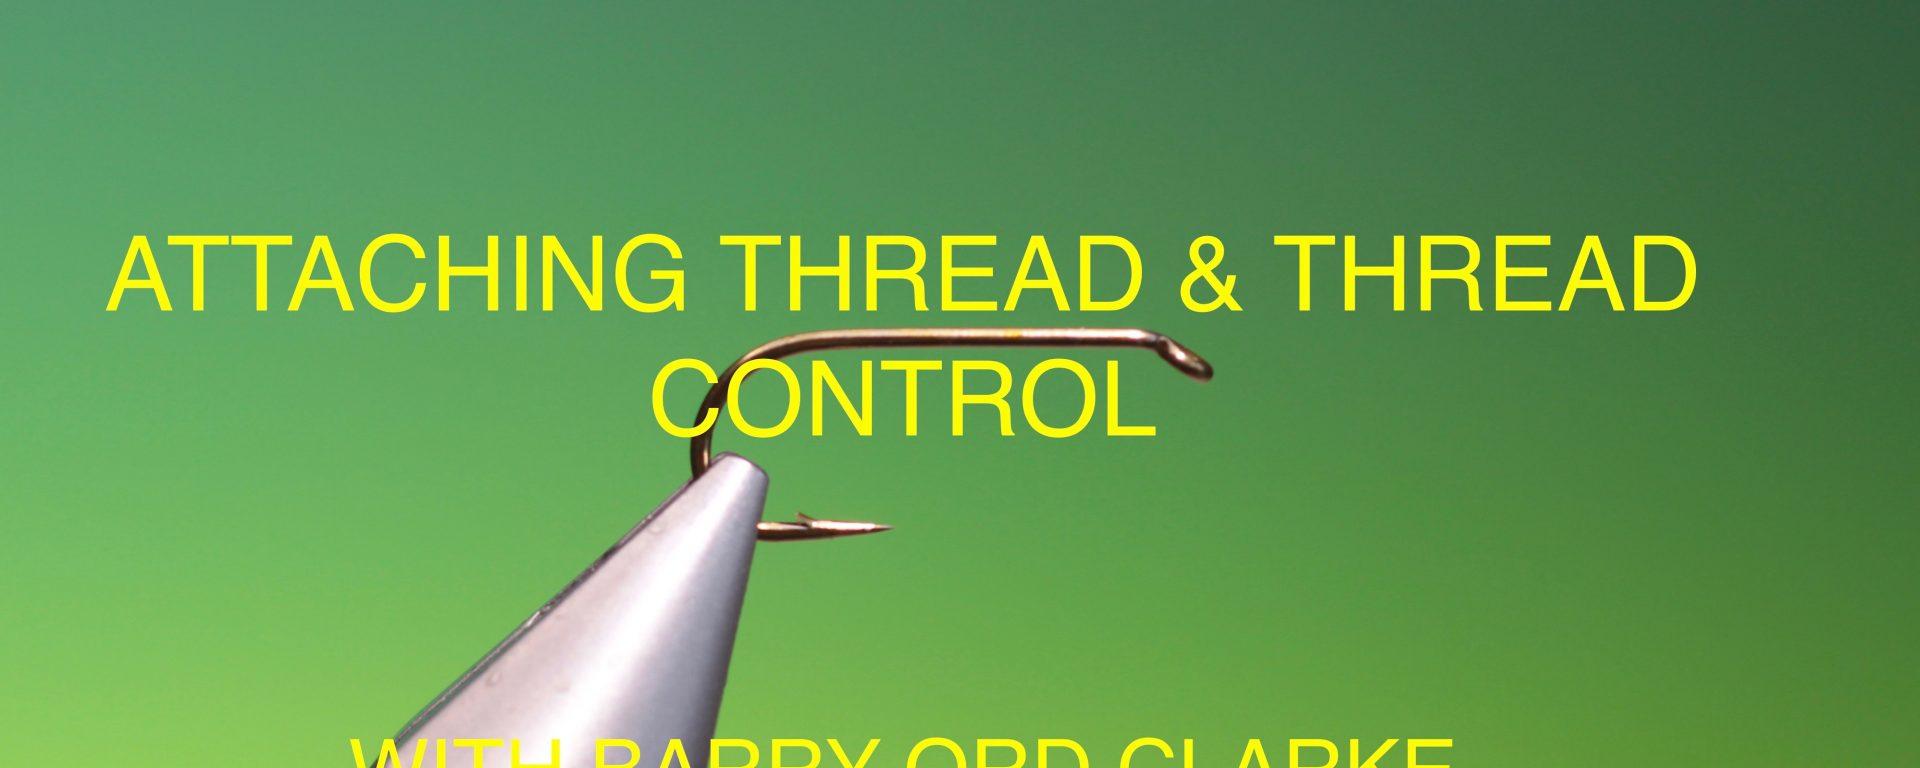 fly tying thread & Thread control